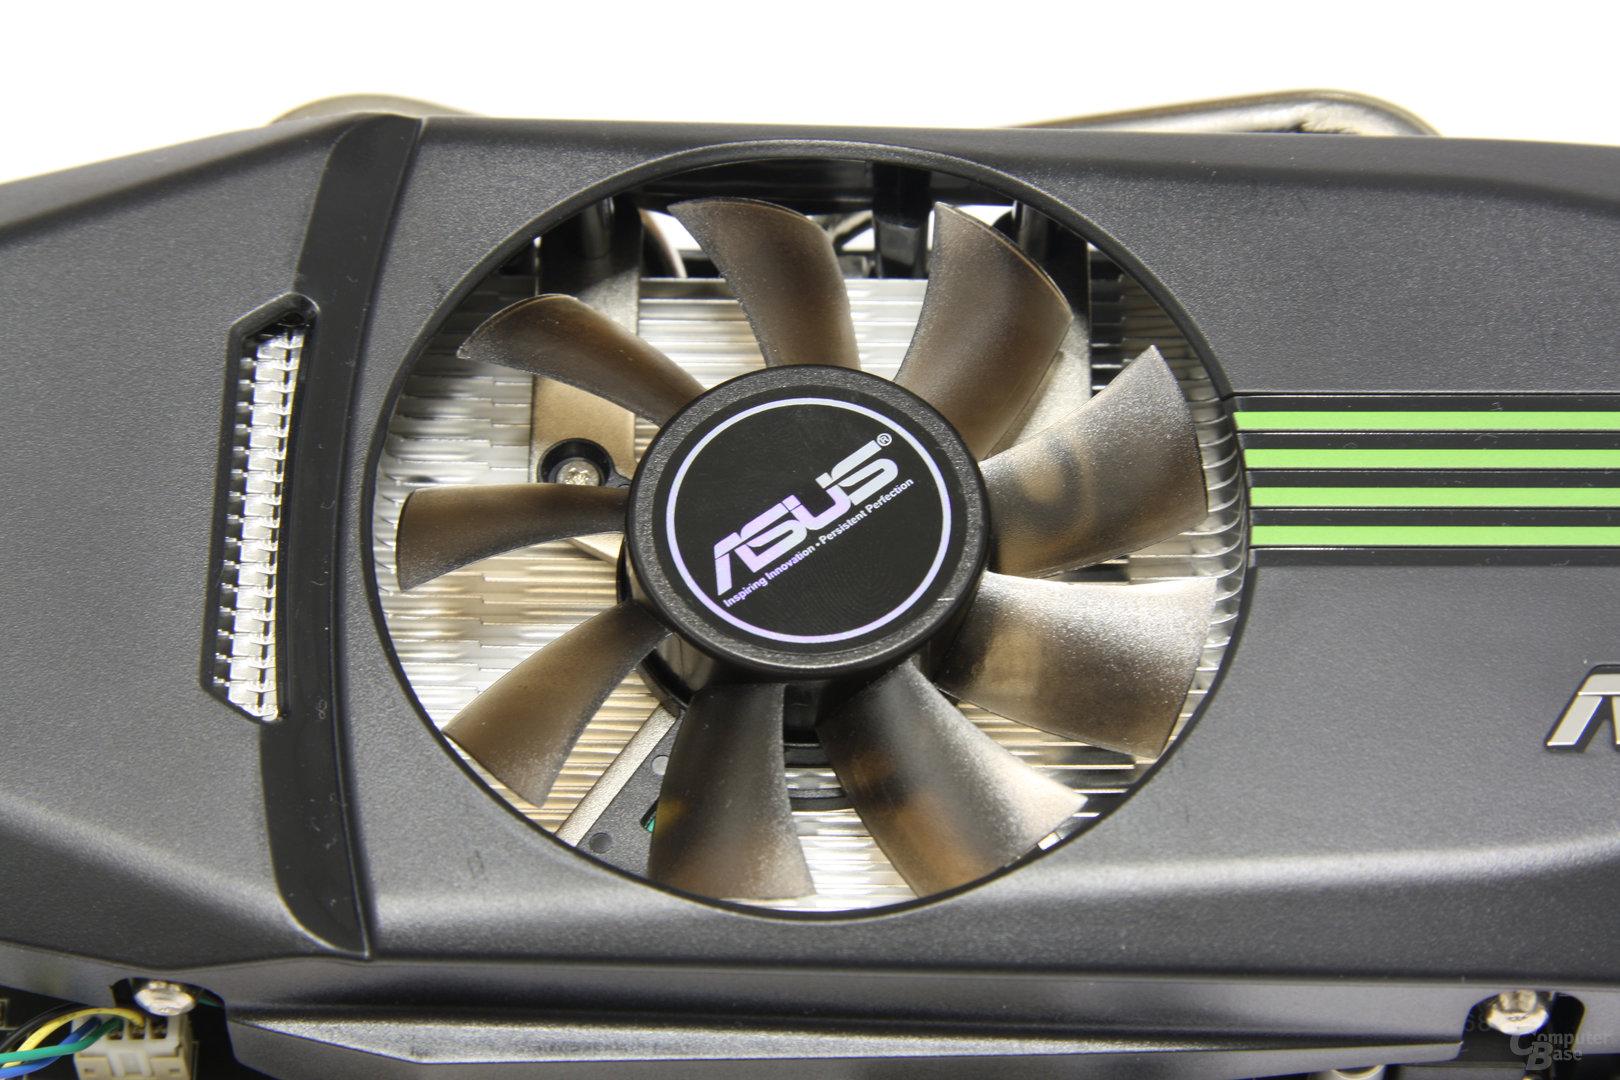 GeForce GTX 460 TOP Lüfter